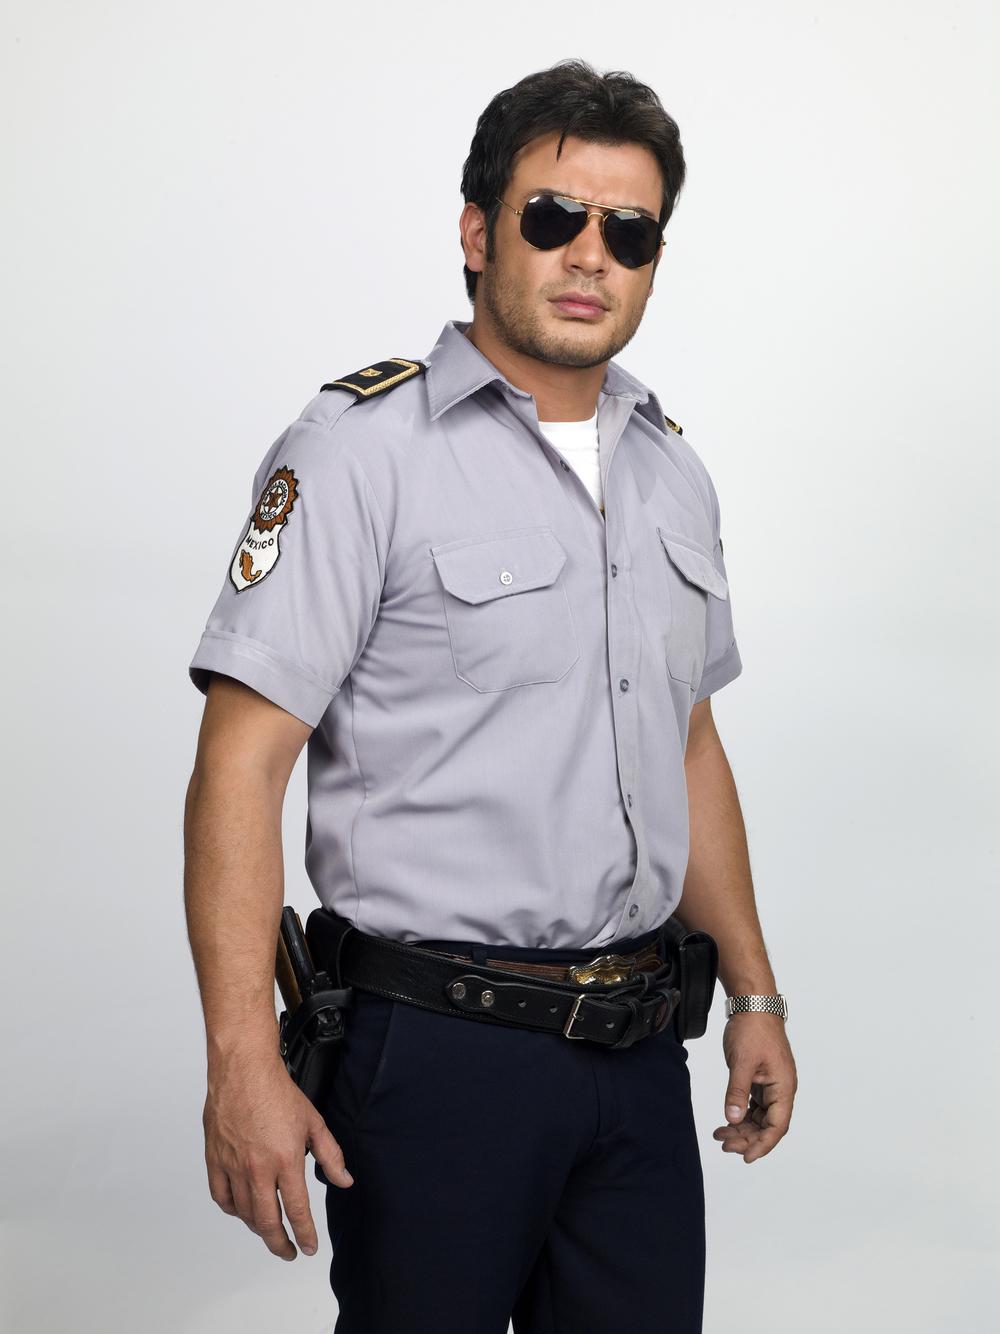 Andrés Palacios como Andrés Palacios_001.jpg